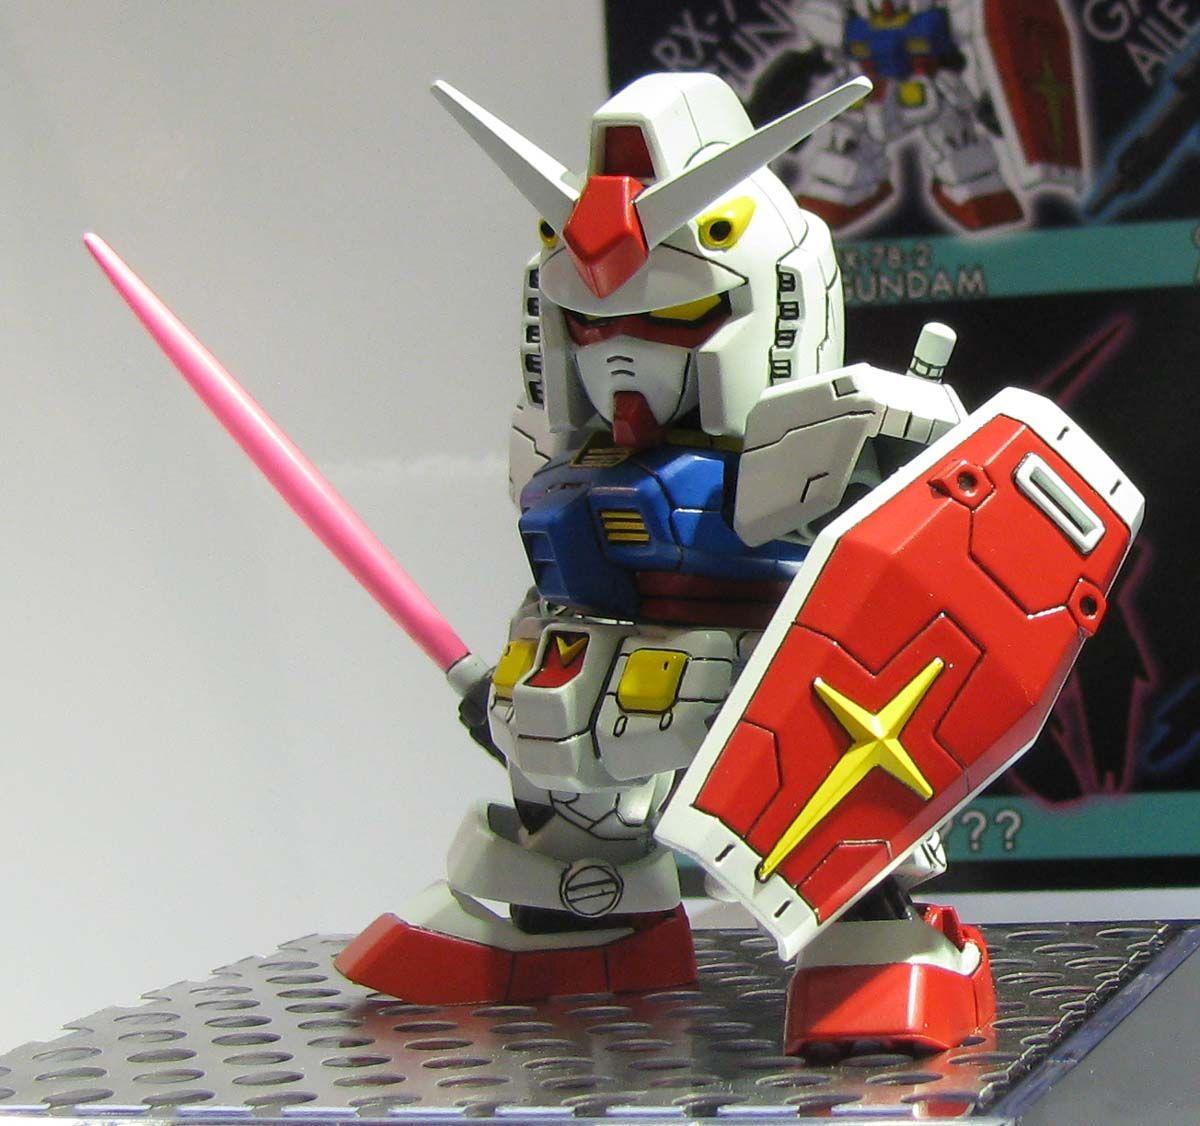 静岡ホビーショー 2015年 SD GUNDAM EX-STANDARD RX-78-2 Gundam: Photoreport Hi Resolution Images http://www.gunjap.net/site/?p=246229